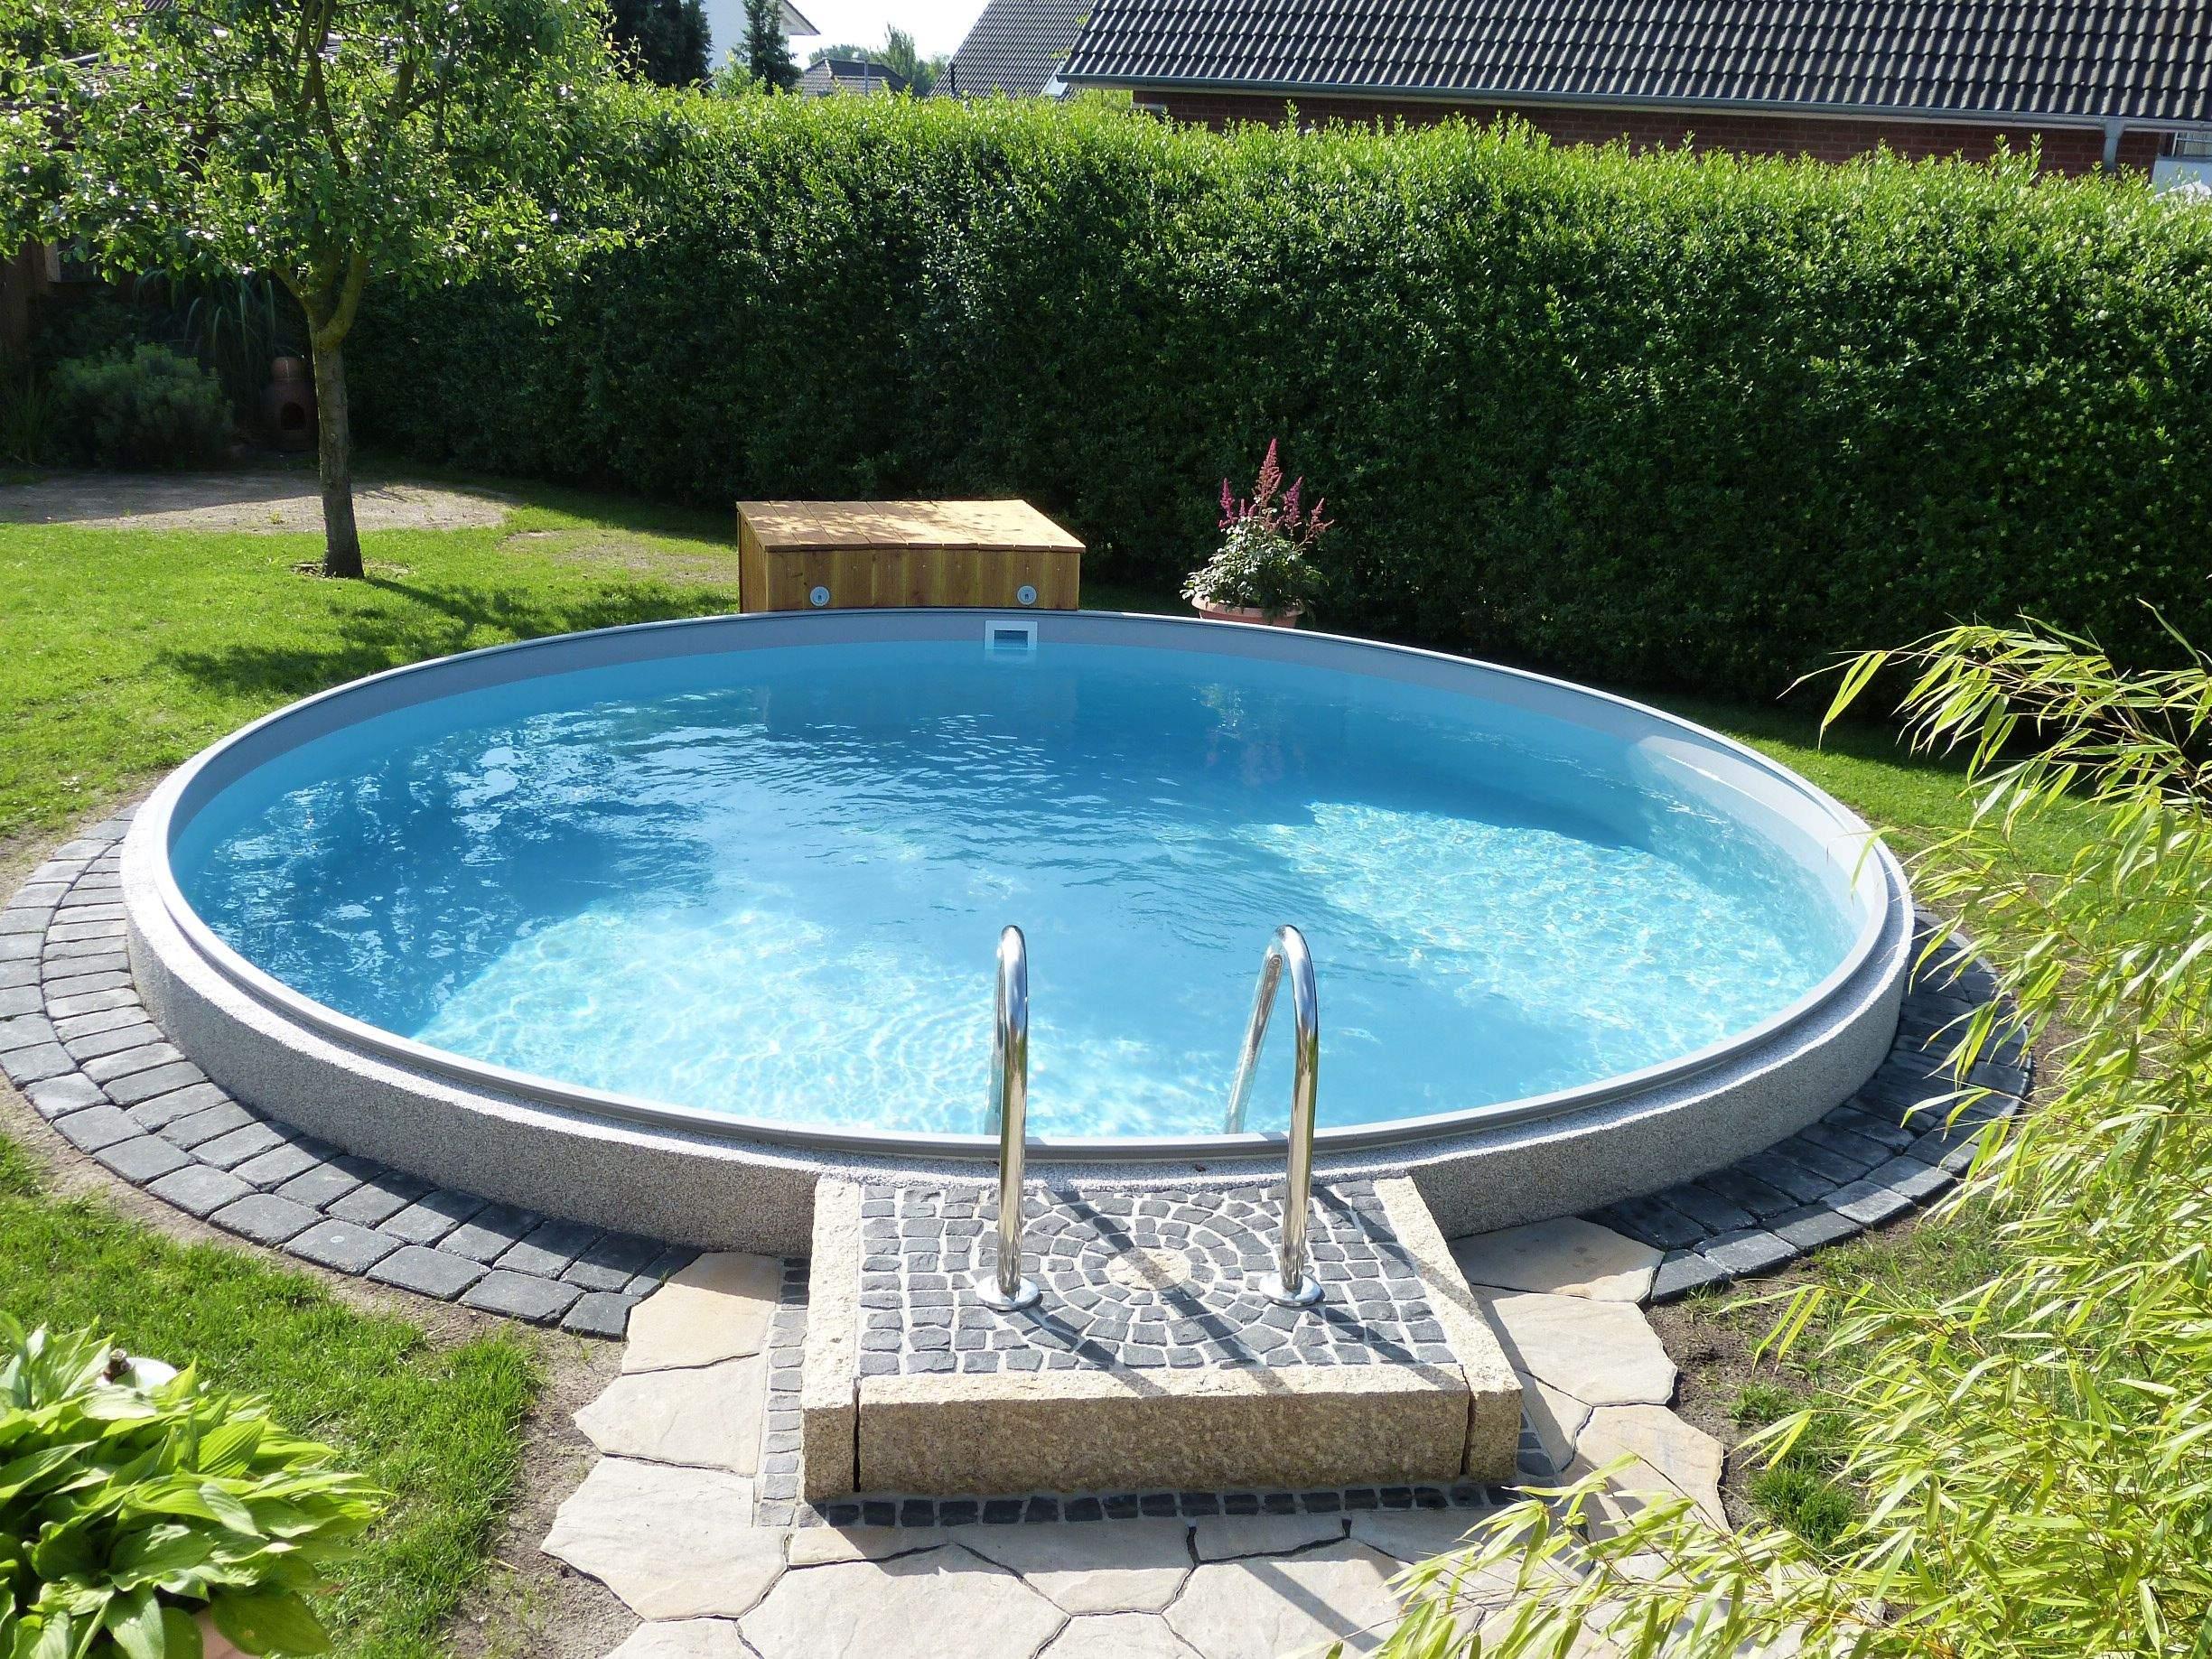 feuerstelle garten selber bauen neu poolakademie bauen sie ihren pool selbst wir helfen of feuerstelle garten selber bauen